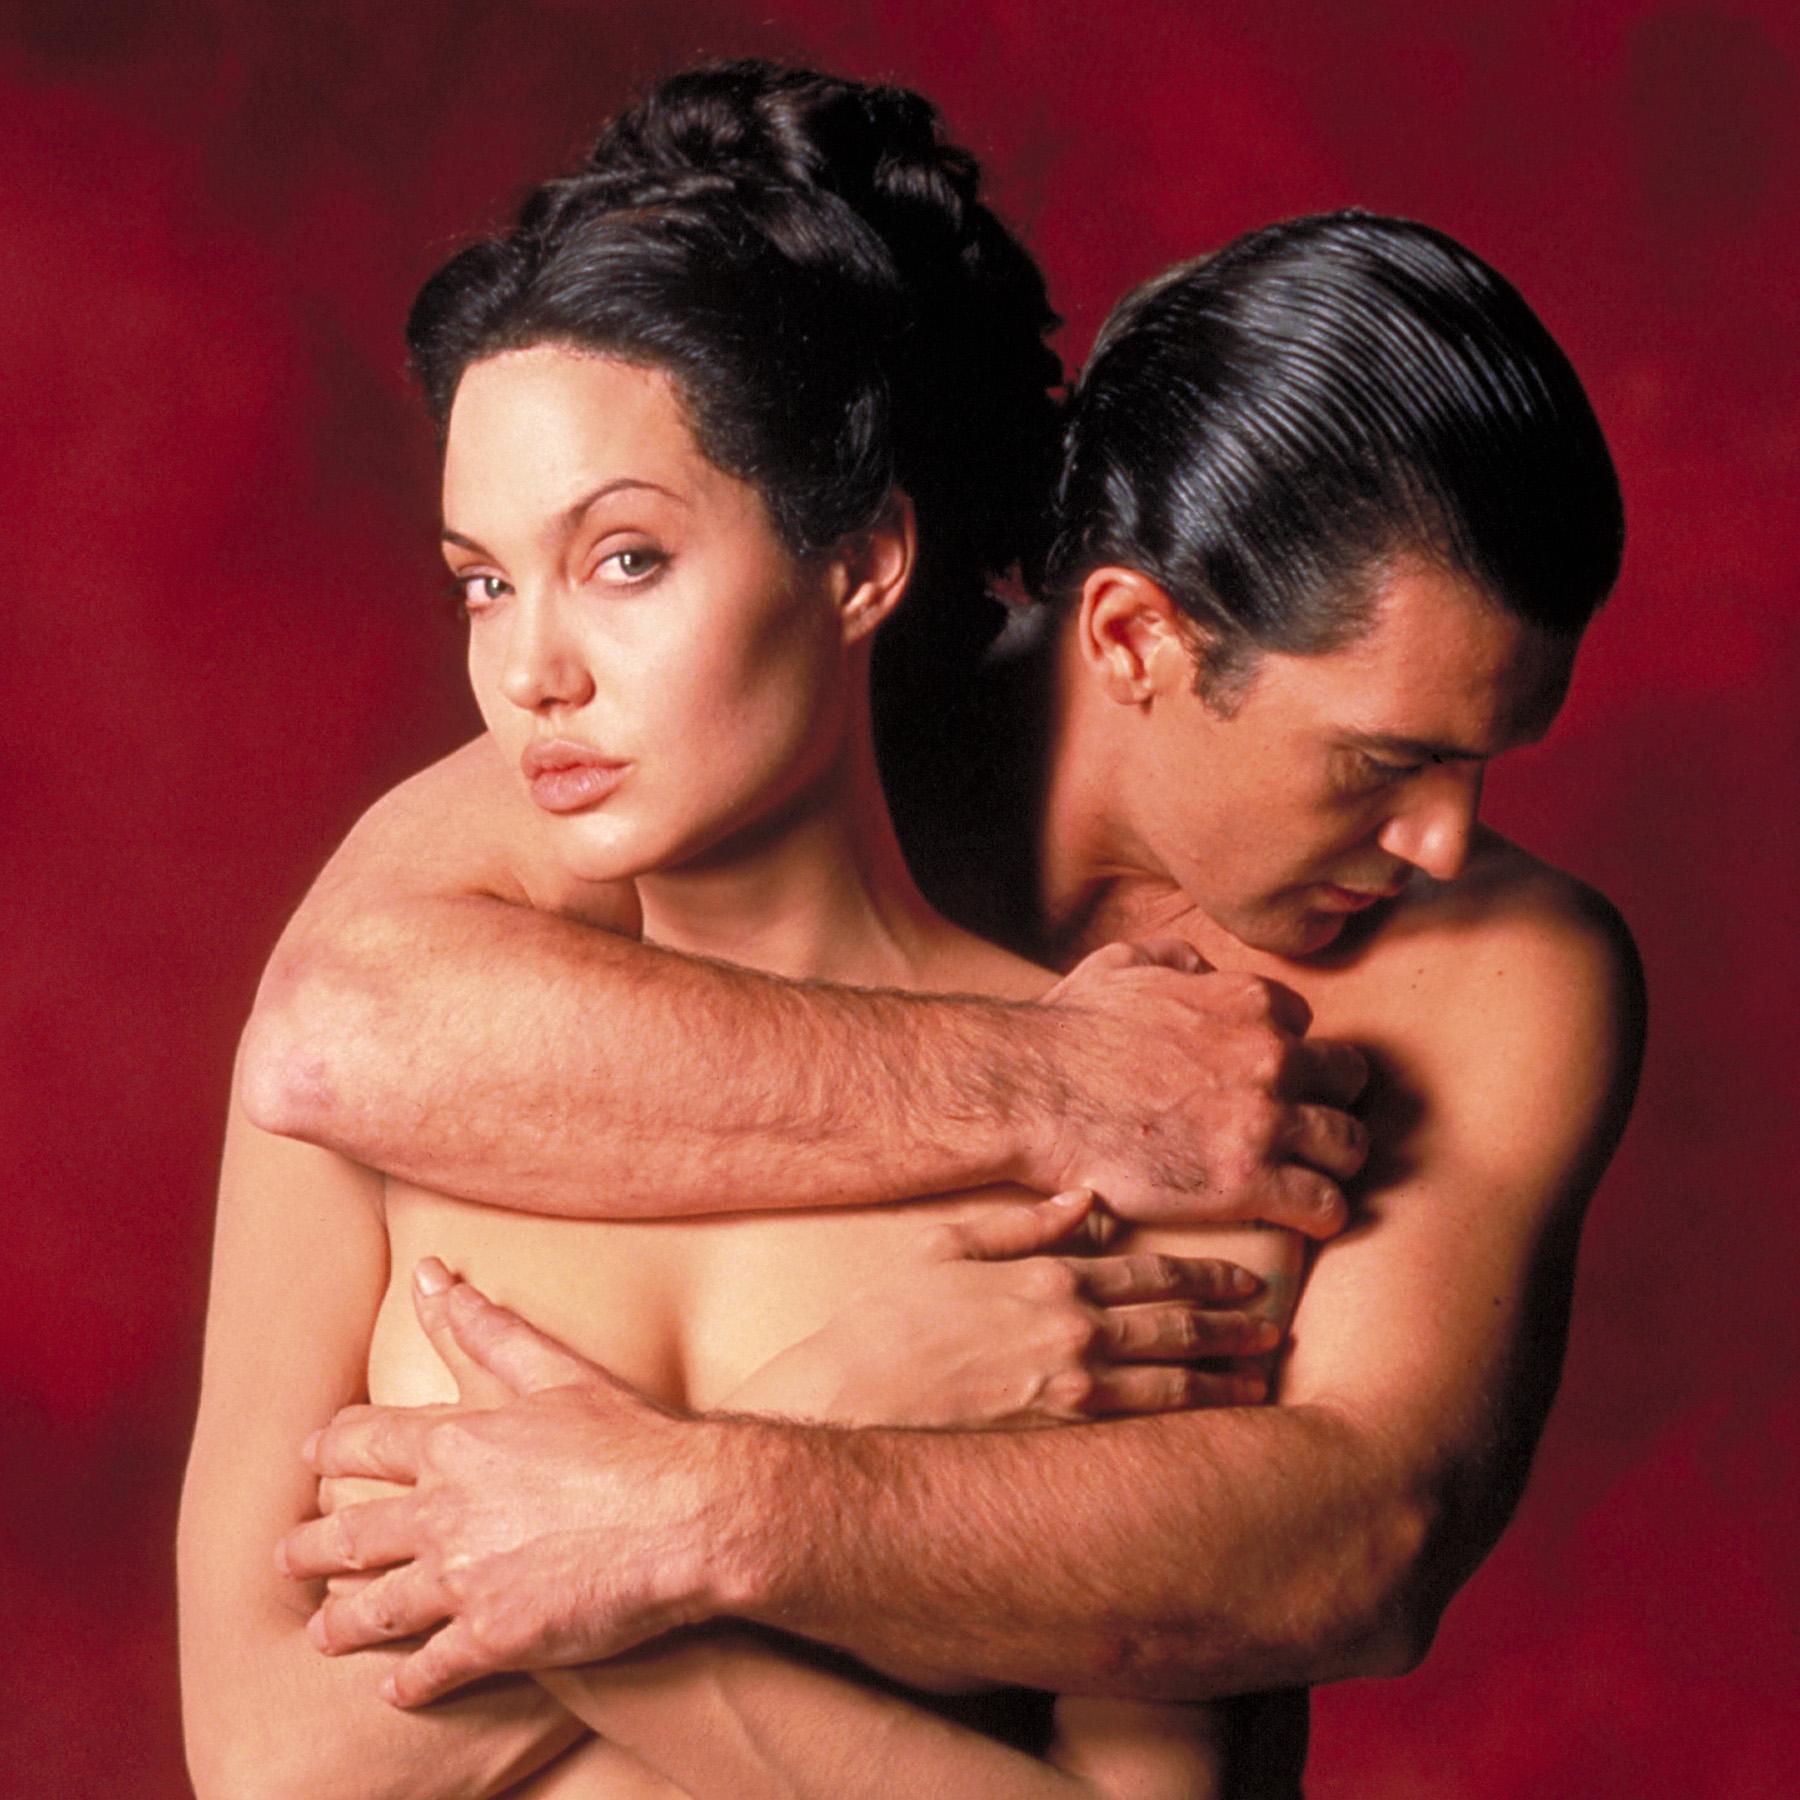 samie-seksualnie-akteri-gollivuda-foto